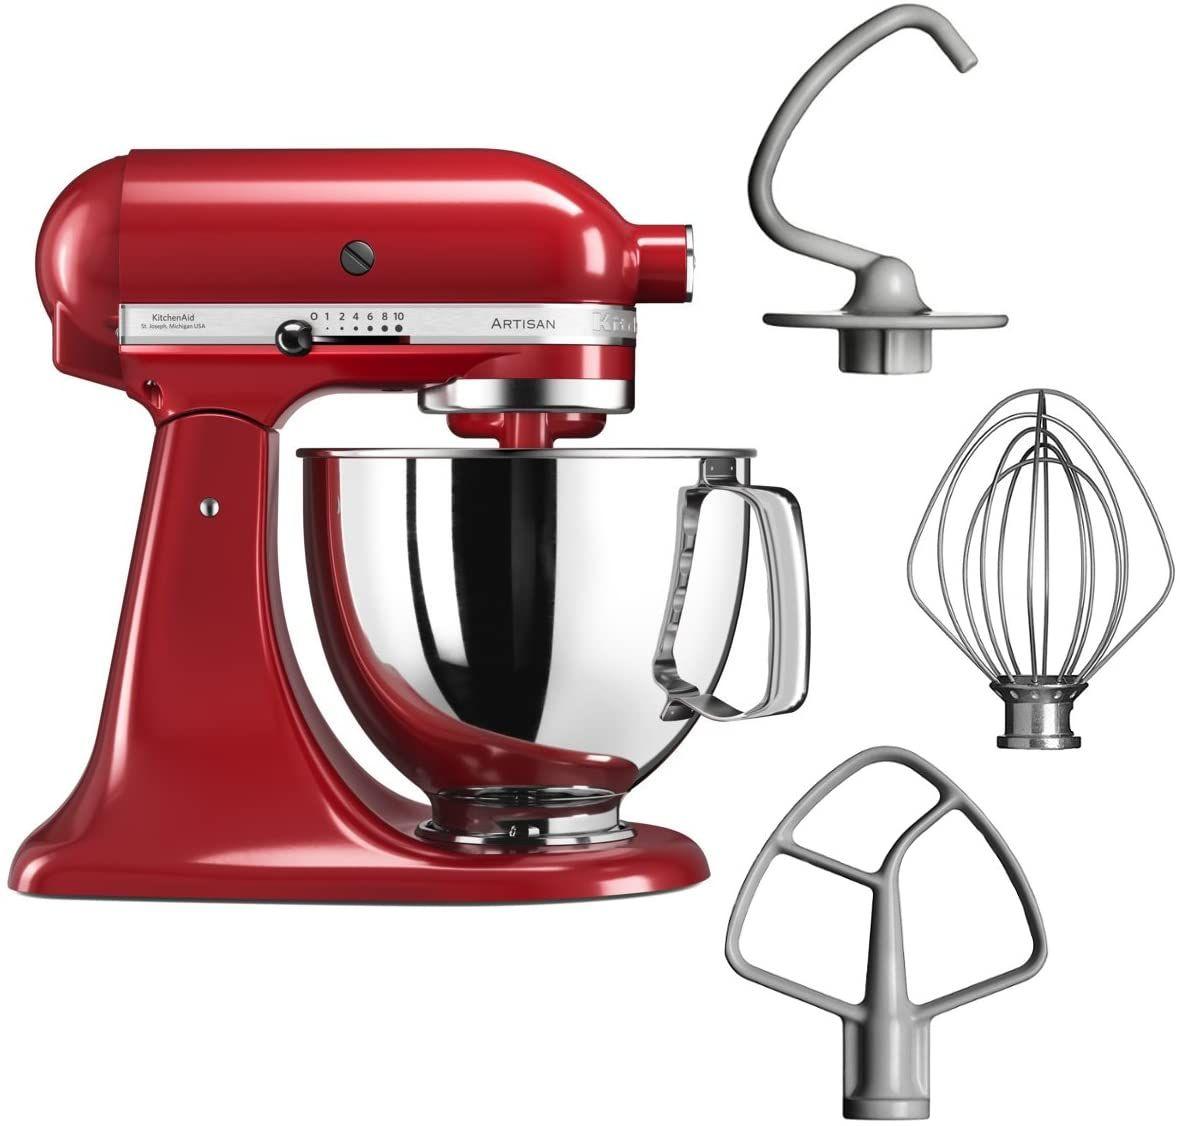 KitchenAid Artisan Küchenmaschine (300W, Planetenrührwerk, Edelstahlschüssel, Schneebesen, Flachrührer, Knethaken) Rot [Vorbestellung]